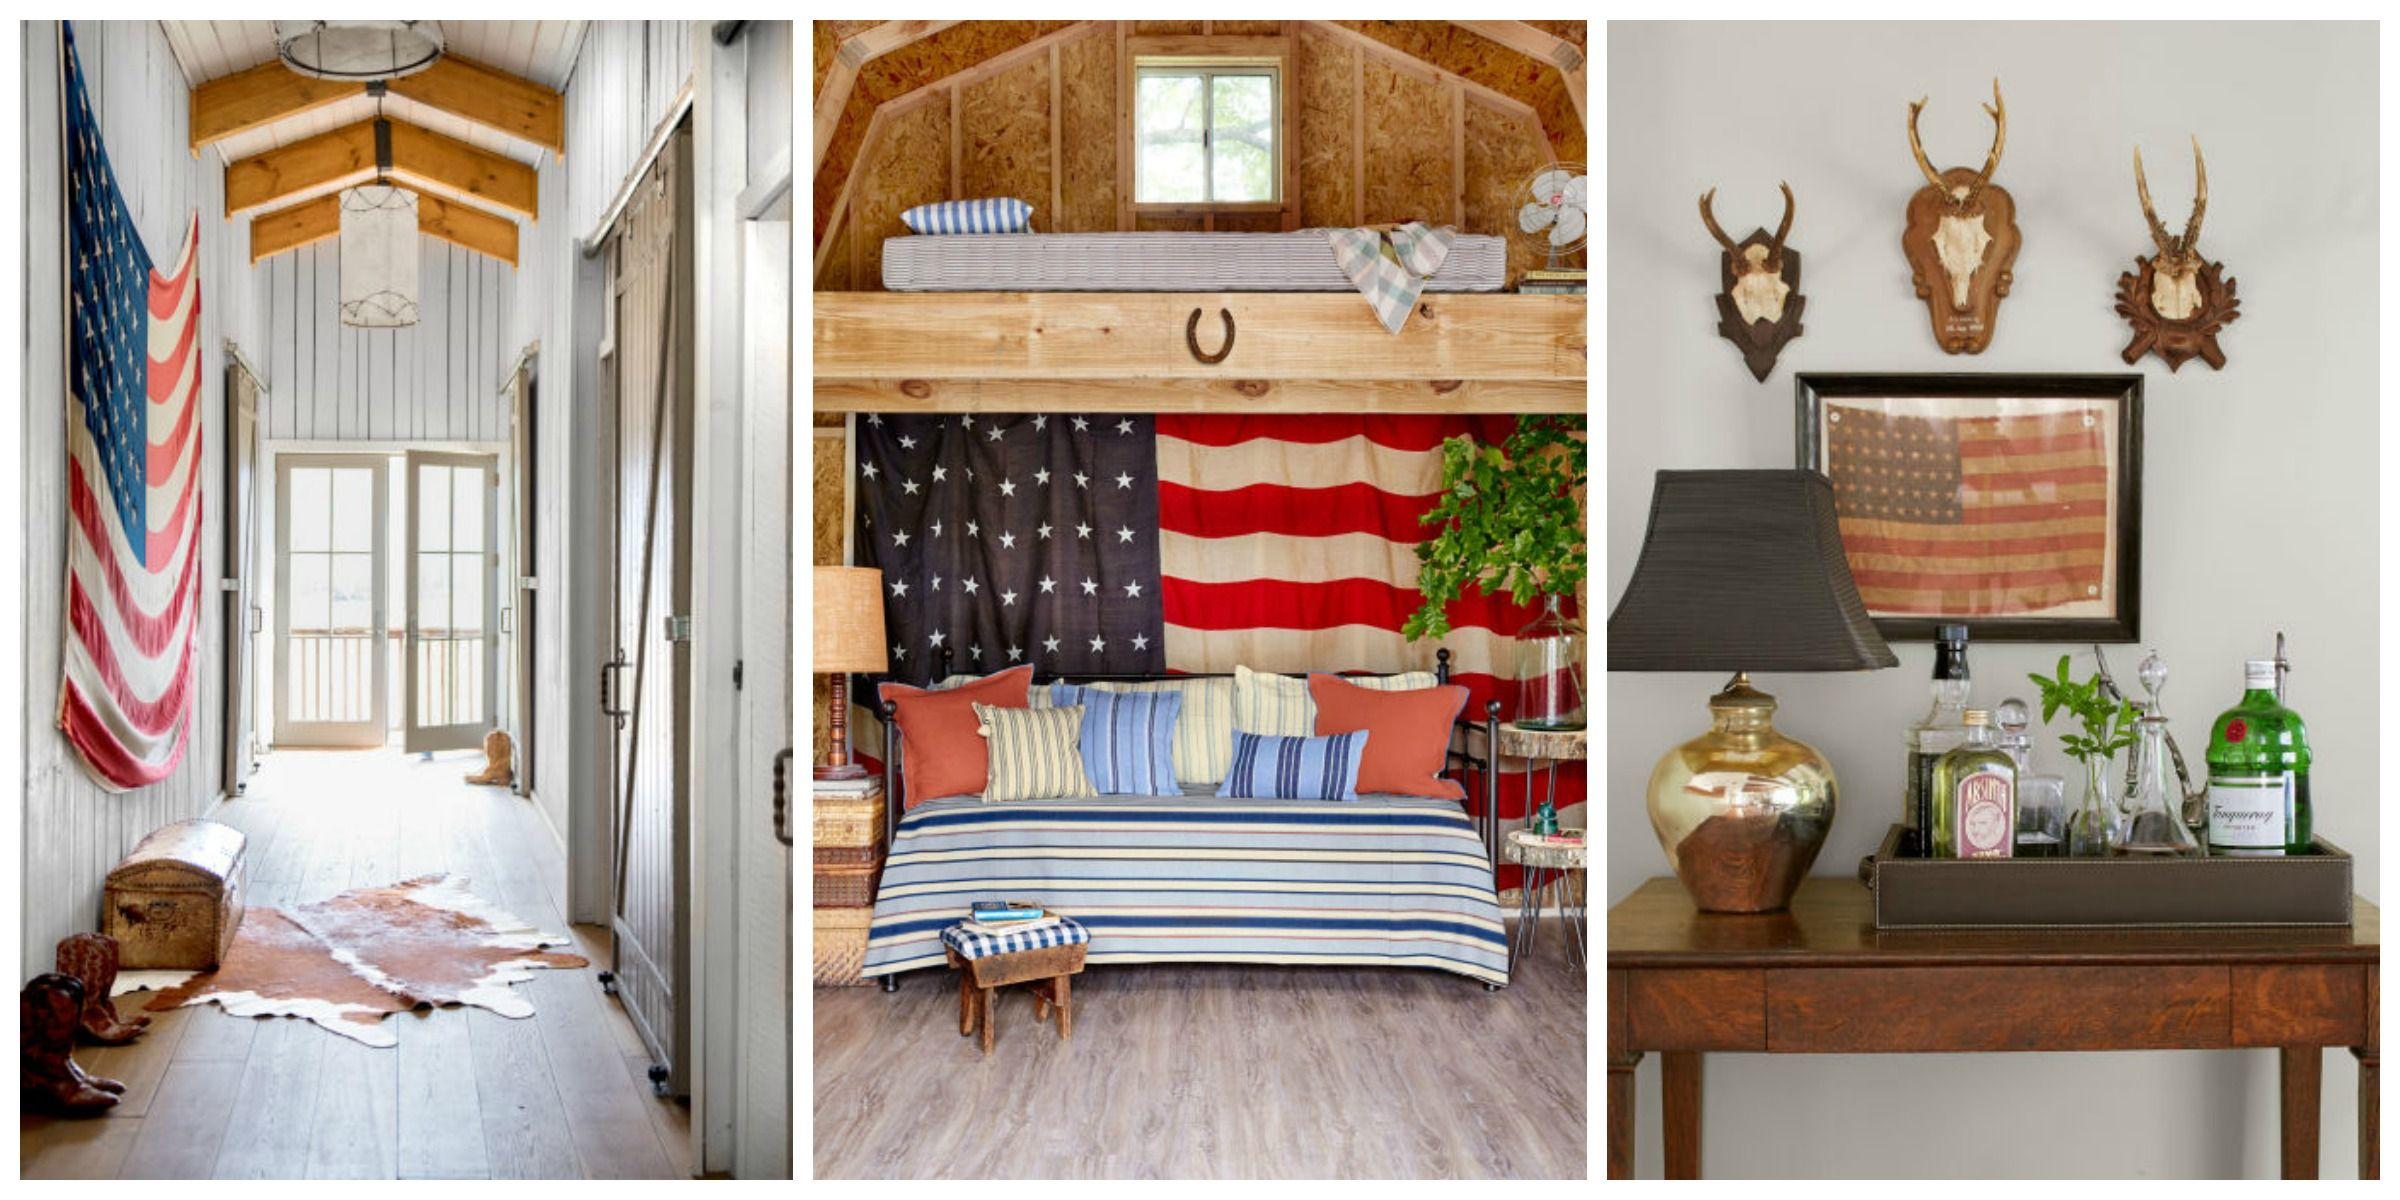 Americana Home Decor Antique Flags